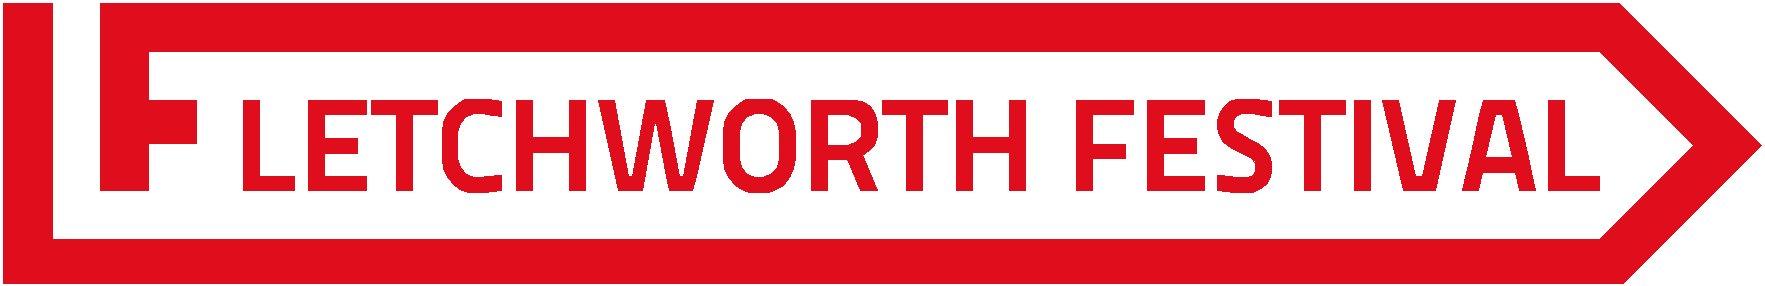 Letchworth Festival logo